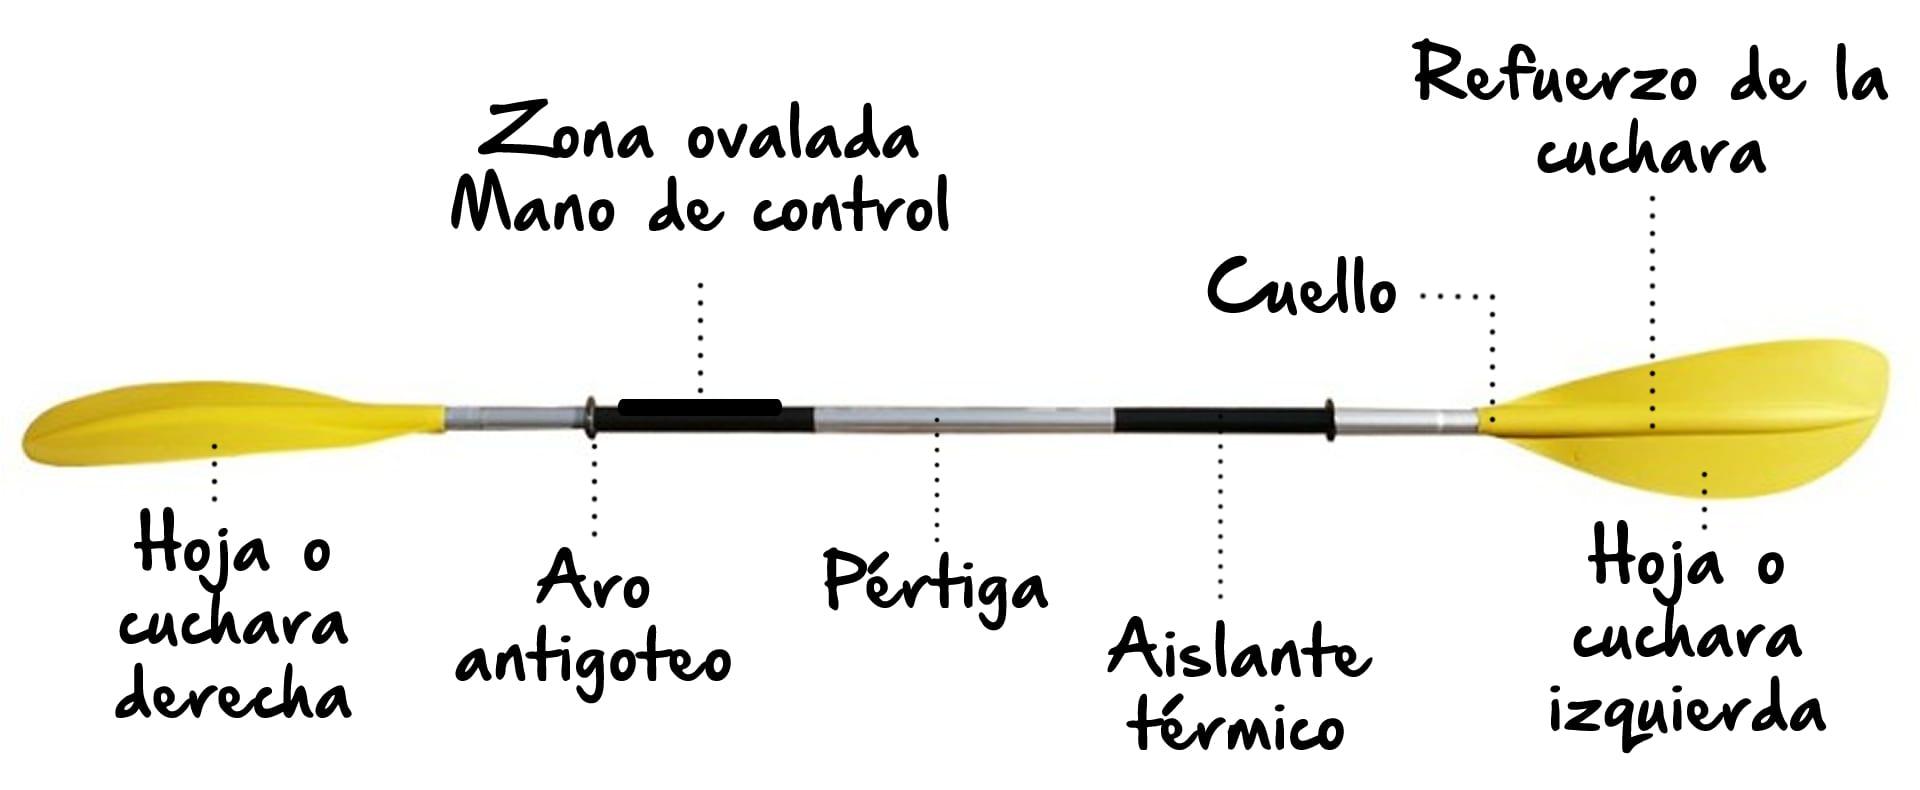 PALA DE KAYAK DE MAR